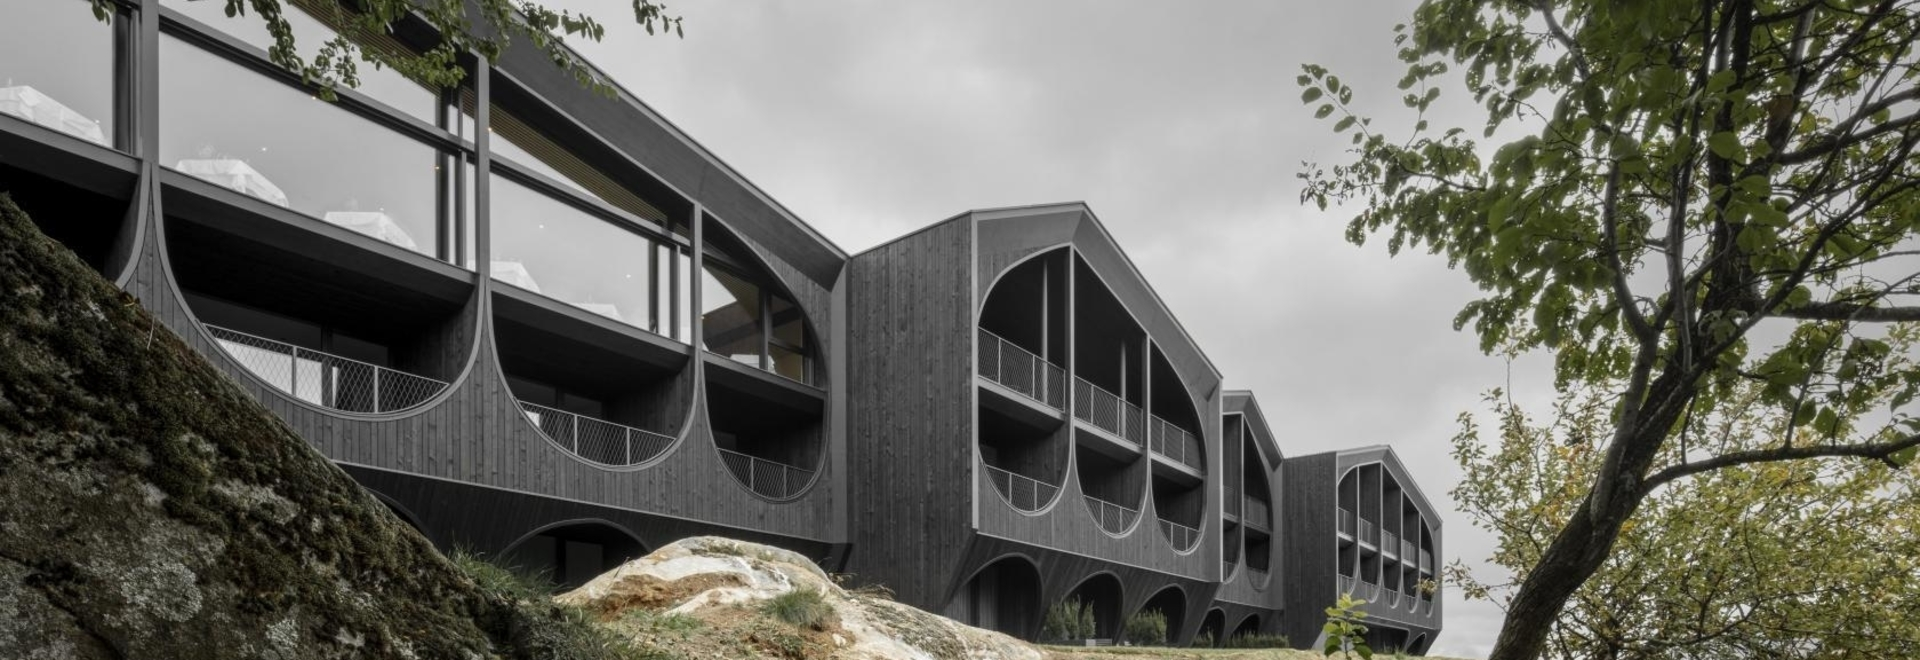 Radikales Südtiroler Hotel definiert die alpine Architektur neu